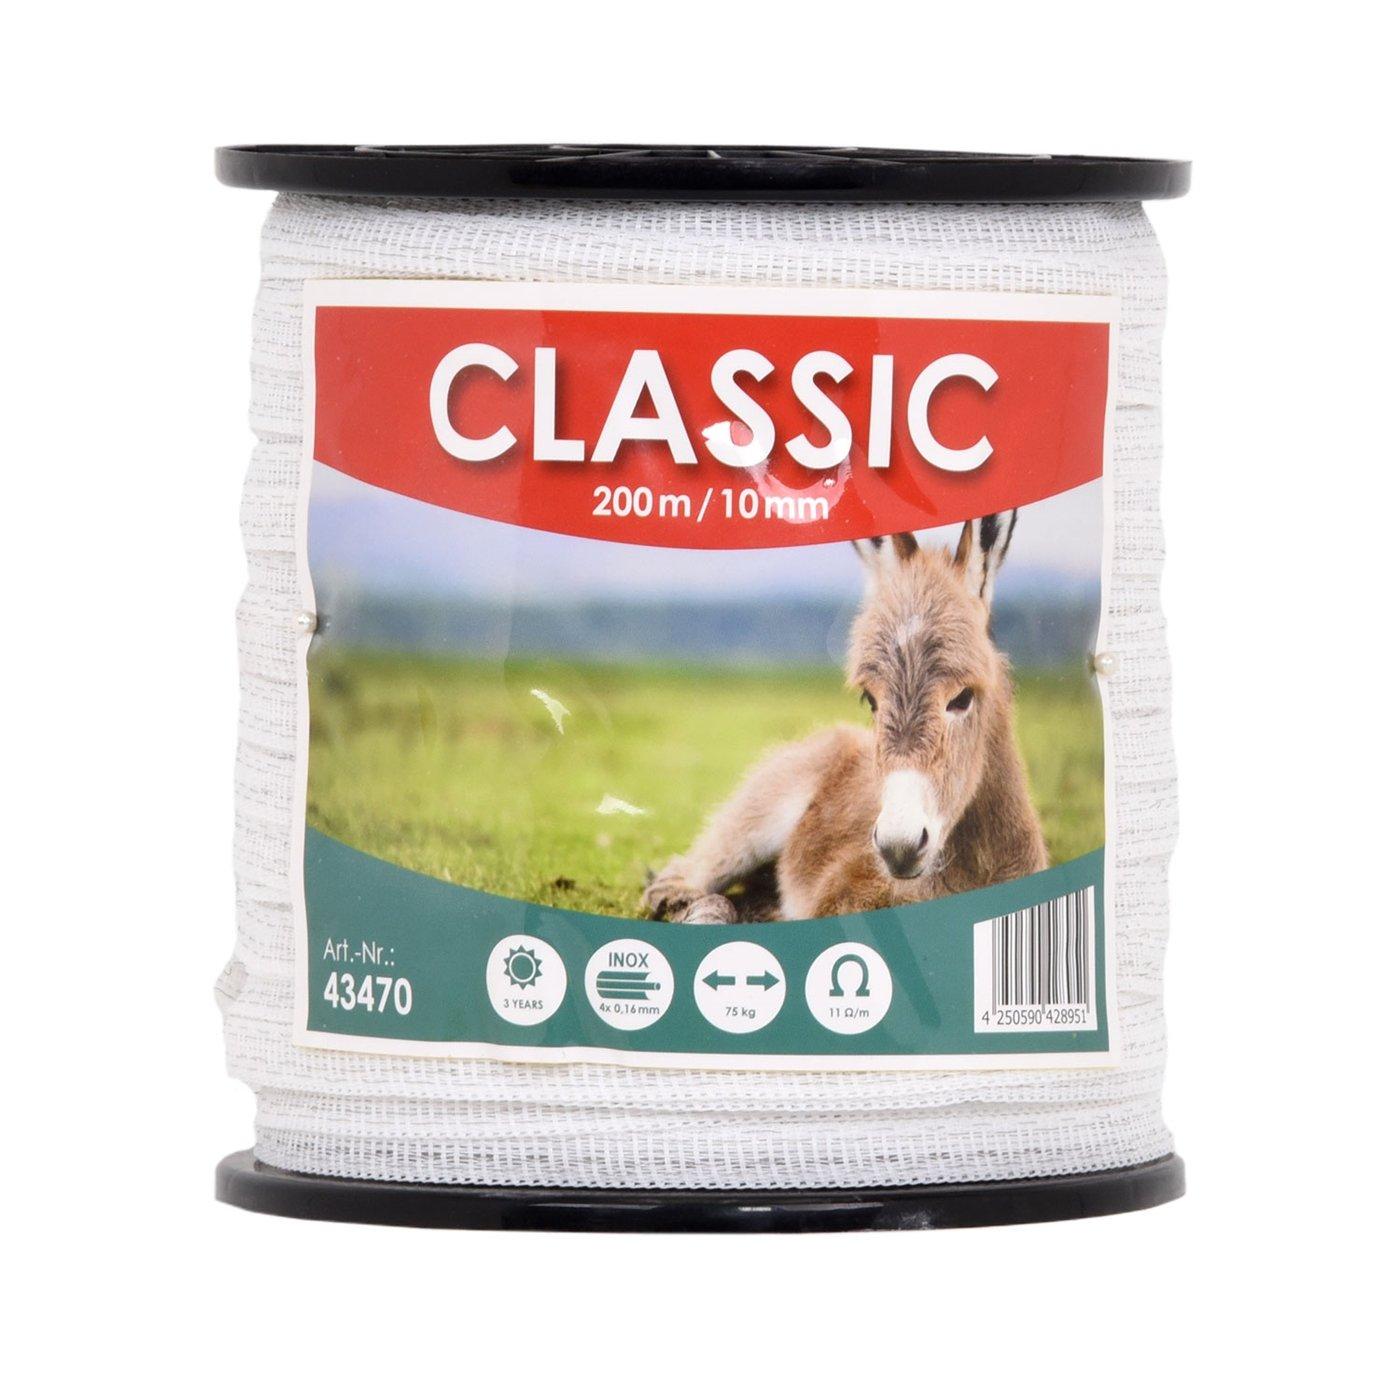 Ruban de clôture électrique CLASSIC 200 m 10 mm conducteur 4 x 0, 16 mm acier inoxydable fil câble clôture cheval chèvre mouton poney VOSS.farming